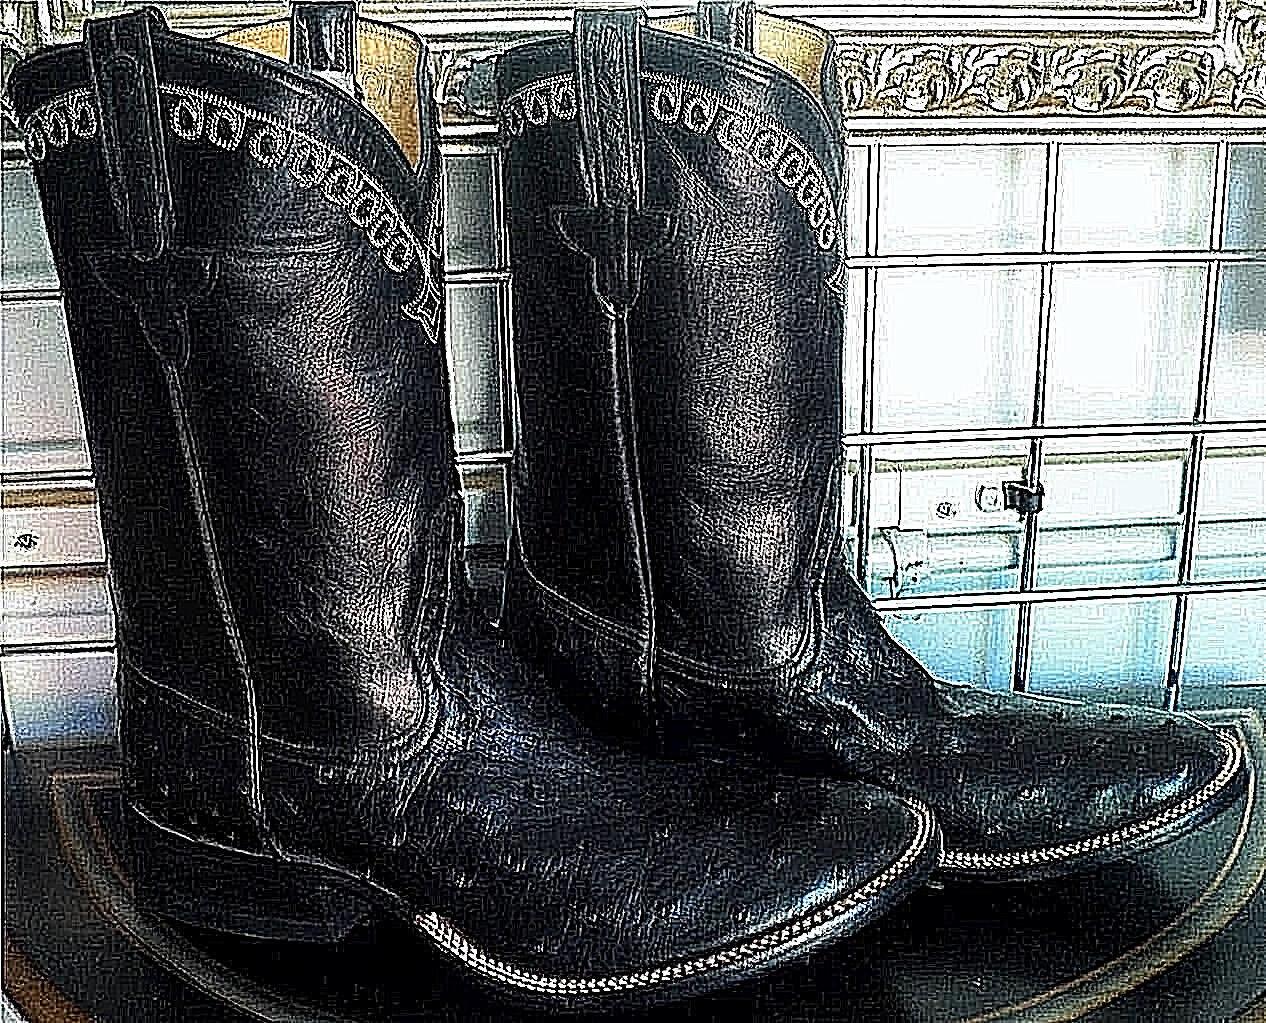 Rios de Mercedes Negro Completo Quill Avestruz Suela Piel botas Vaquero Hombre